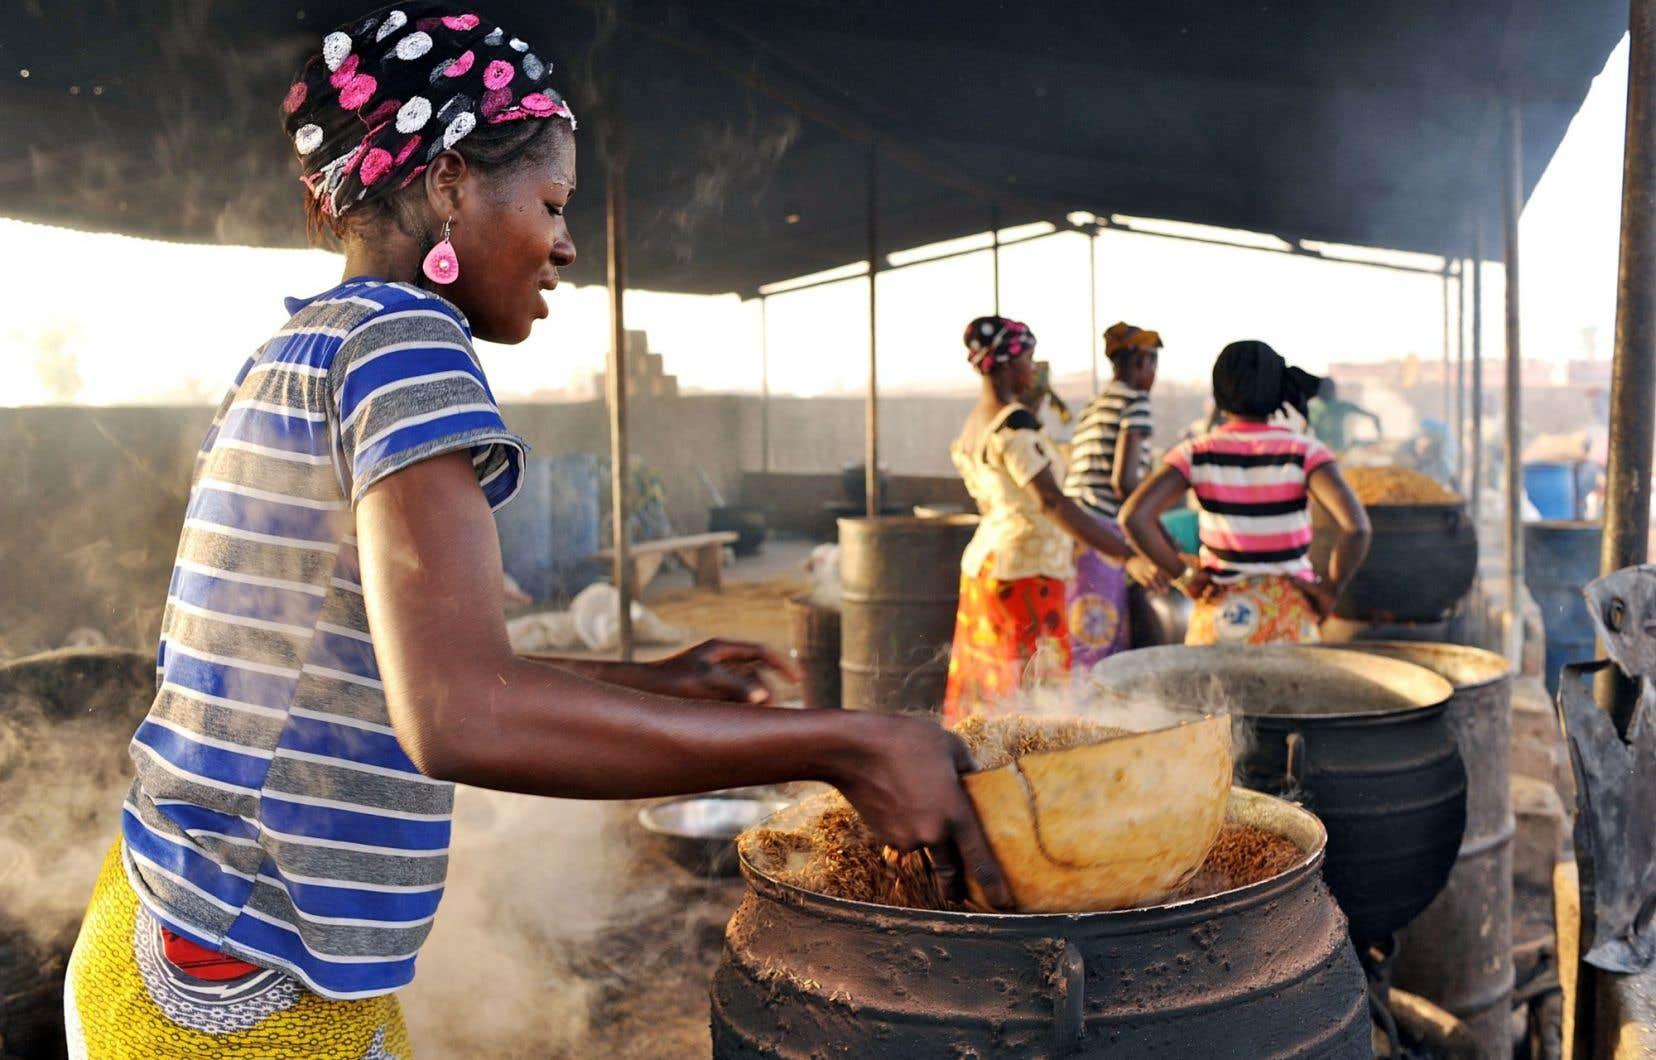 Asita Sana étuve du riz au centre d'étuvage de l'Union des groupements d'étuveuses de riz de Bama, au Burkina Faso.